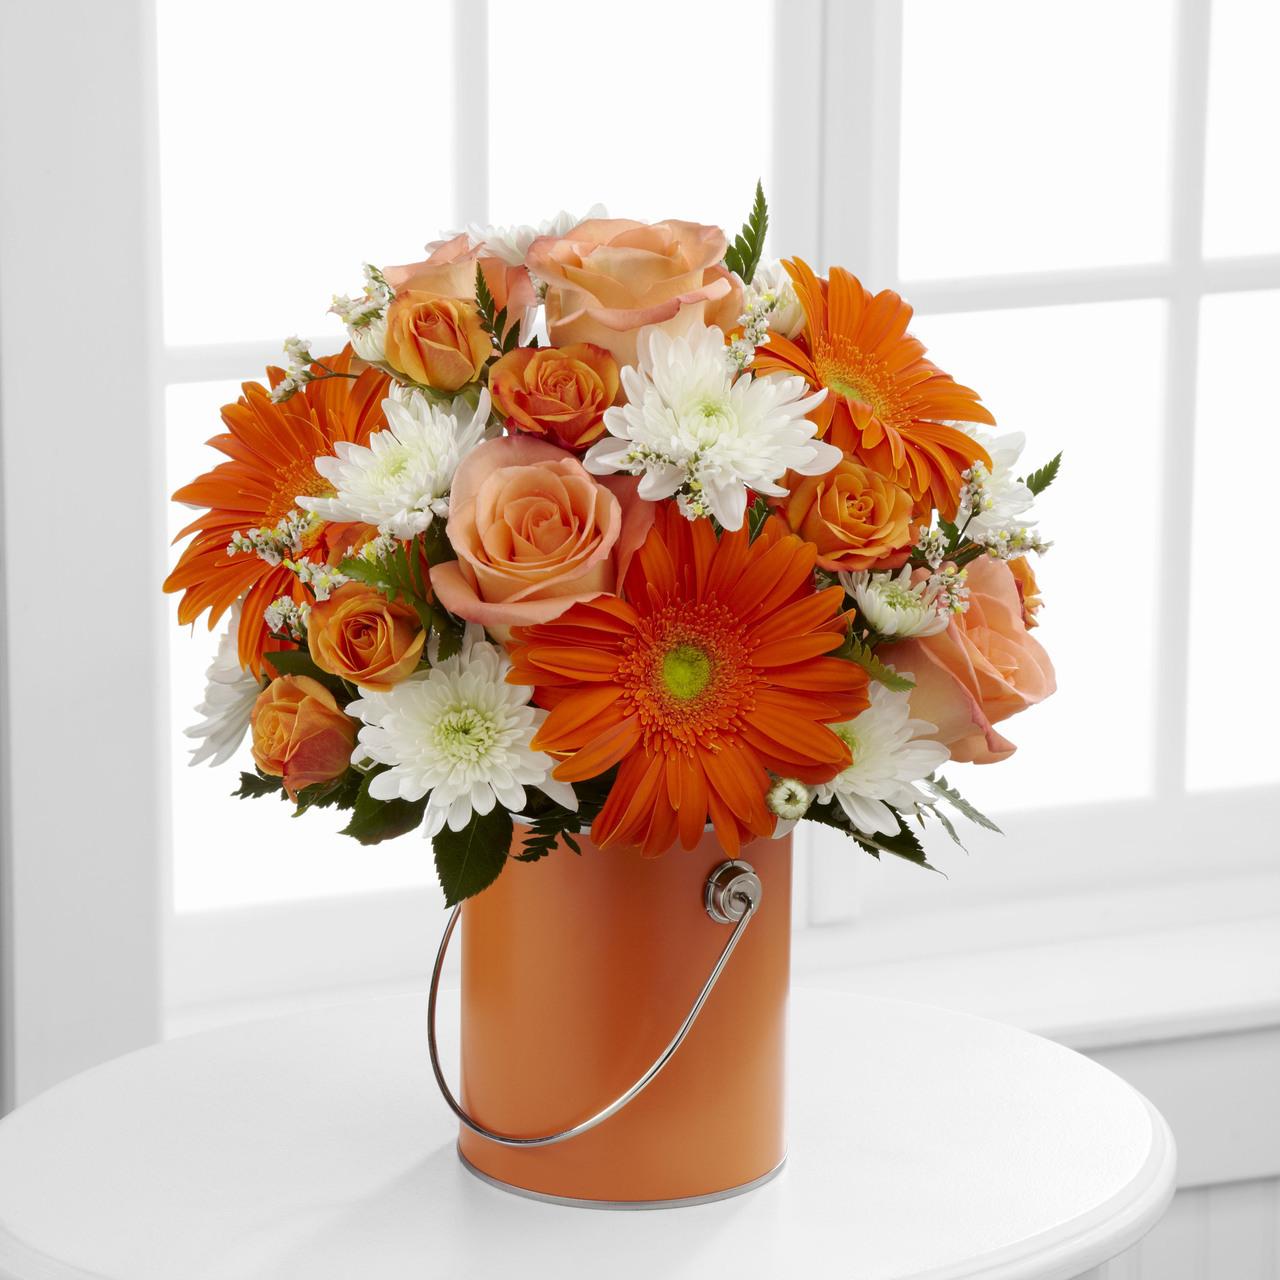 Creating Your Own Unique Floral Arrangements Albuquerque Florist